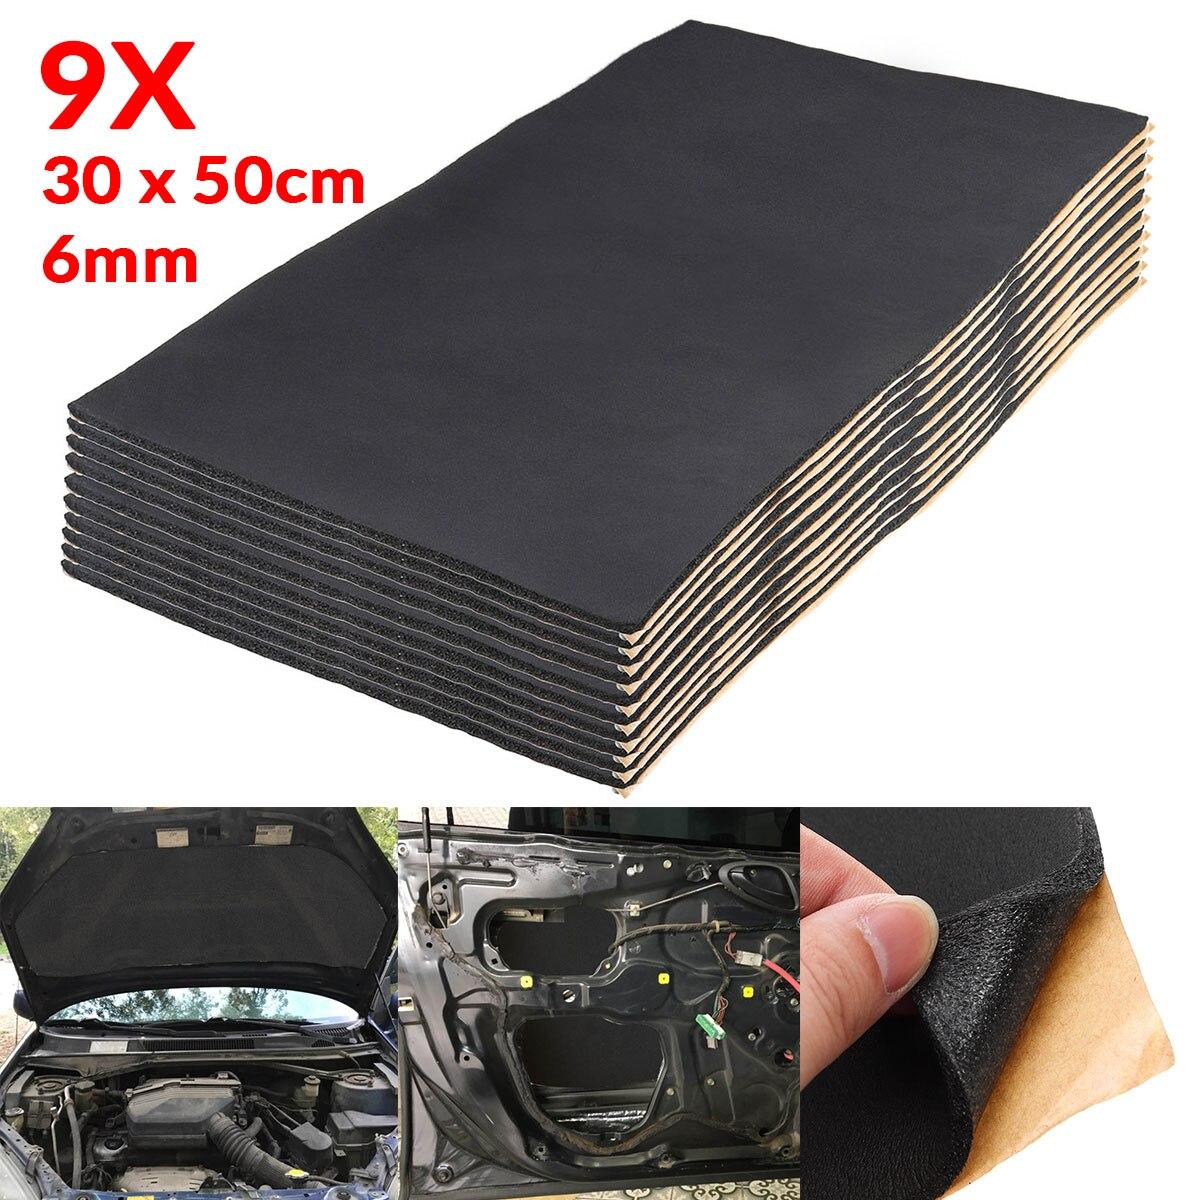 9X1 cm 0.6cm araba ses sıcak Deadener Mat ses geçirmez kaput yalıtım yalıtımı motor güvenlik duvarı ısı köpük pamuk etiket 30x50cm